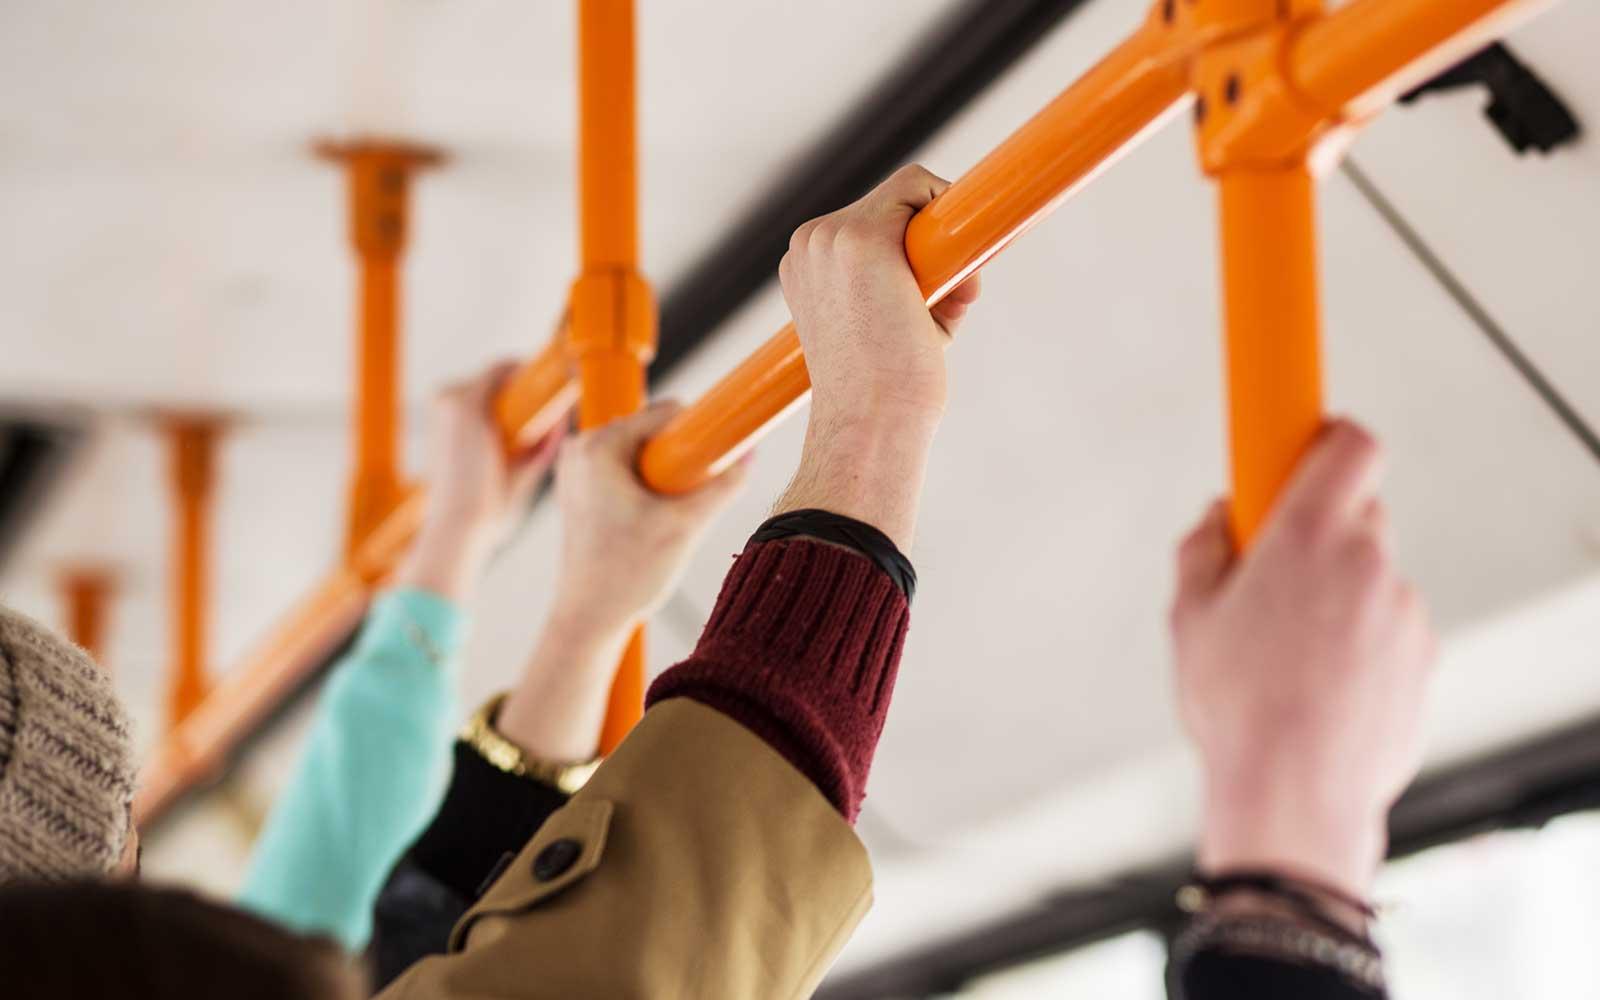 Persone aggrappate nella barra di un autobus